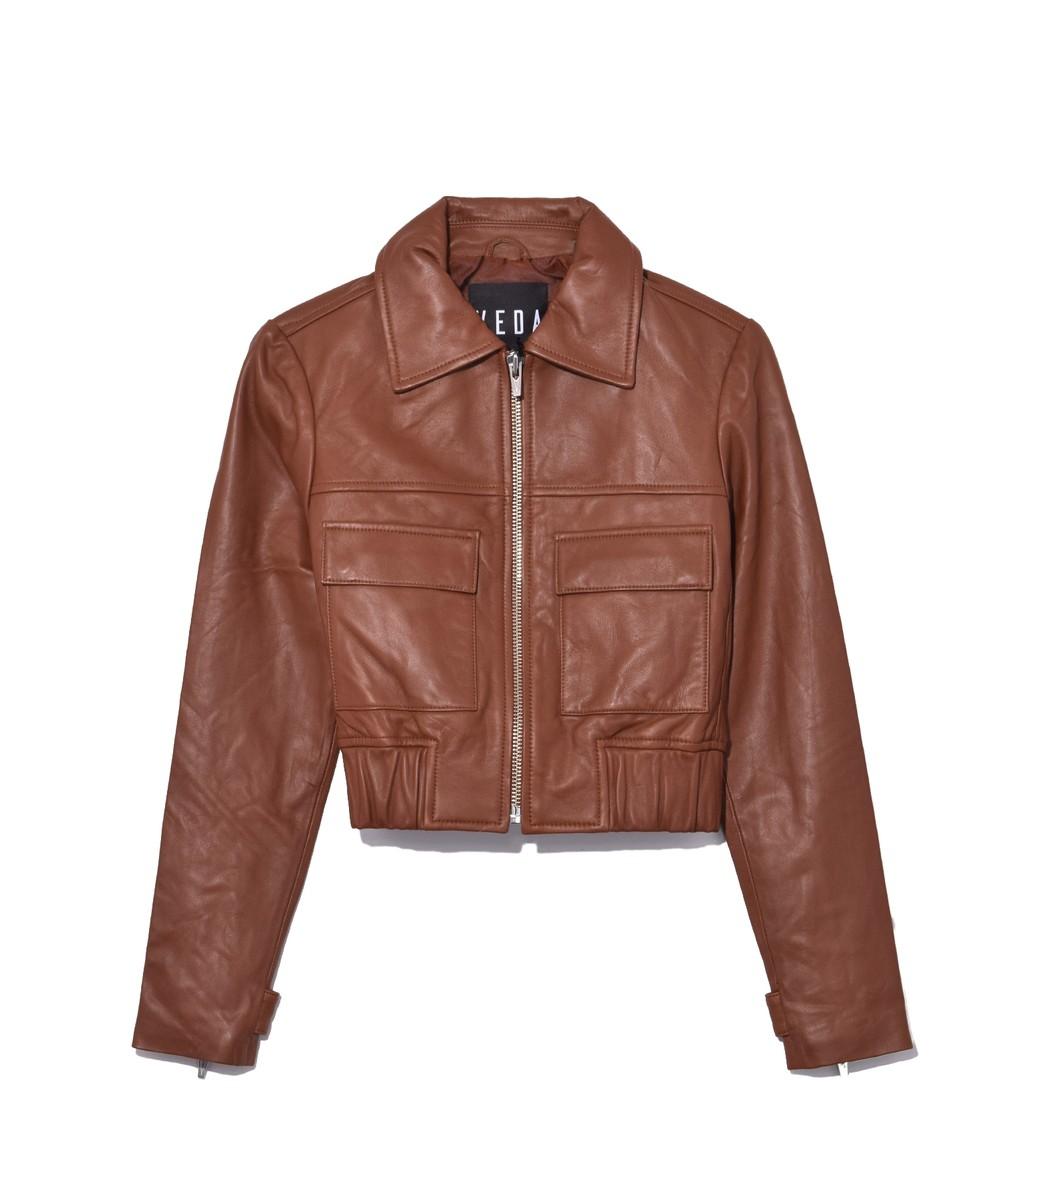 VEDA Brown Saddle Jack Leather Jacket